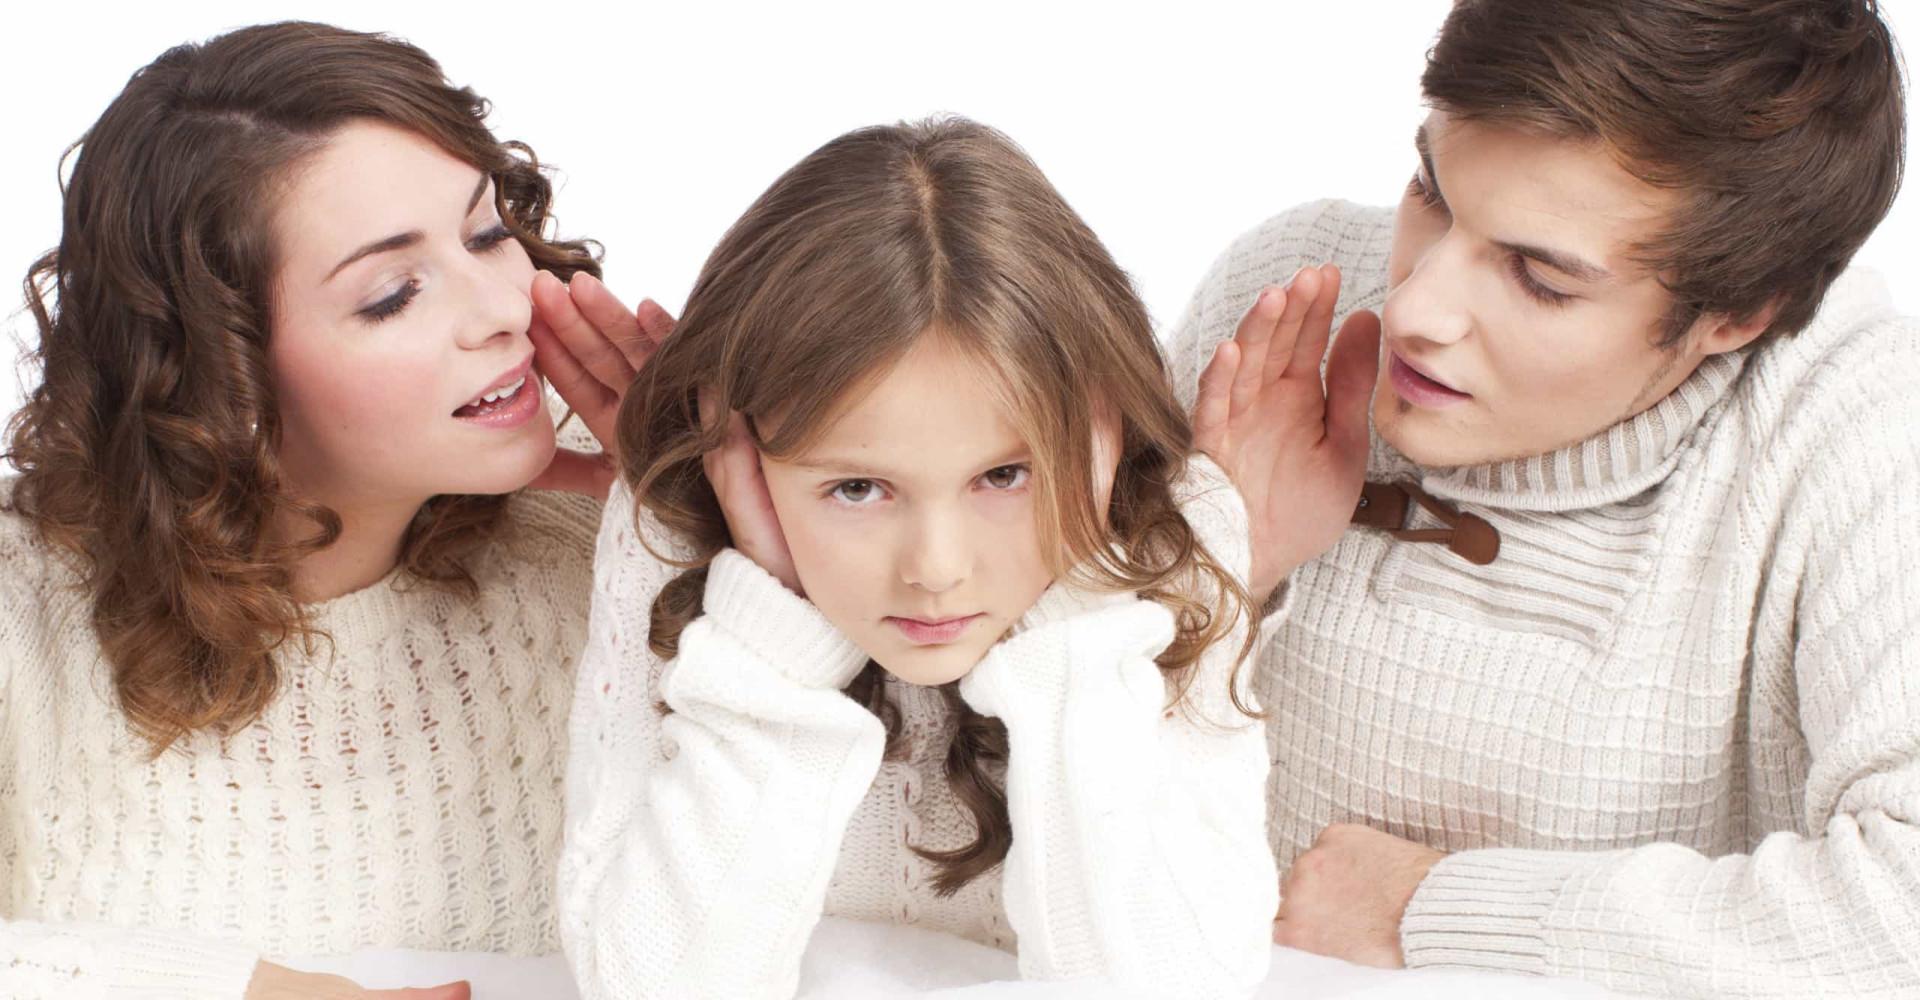 De beste manieren om je kind te disciplineren